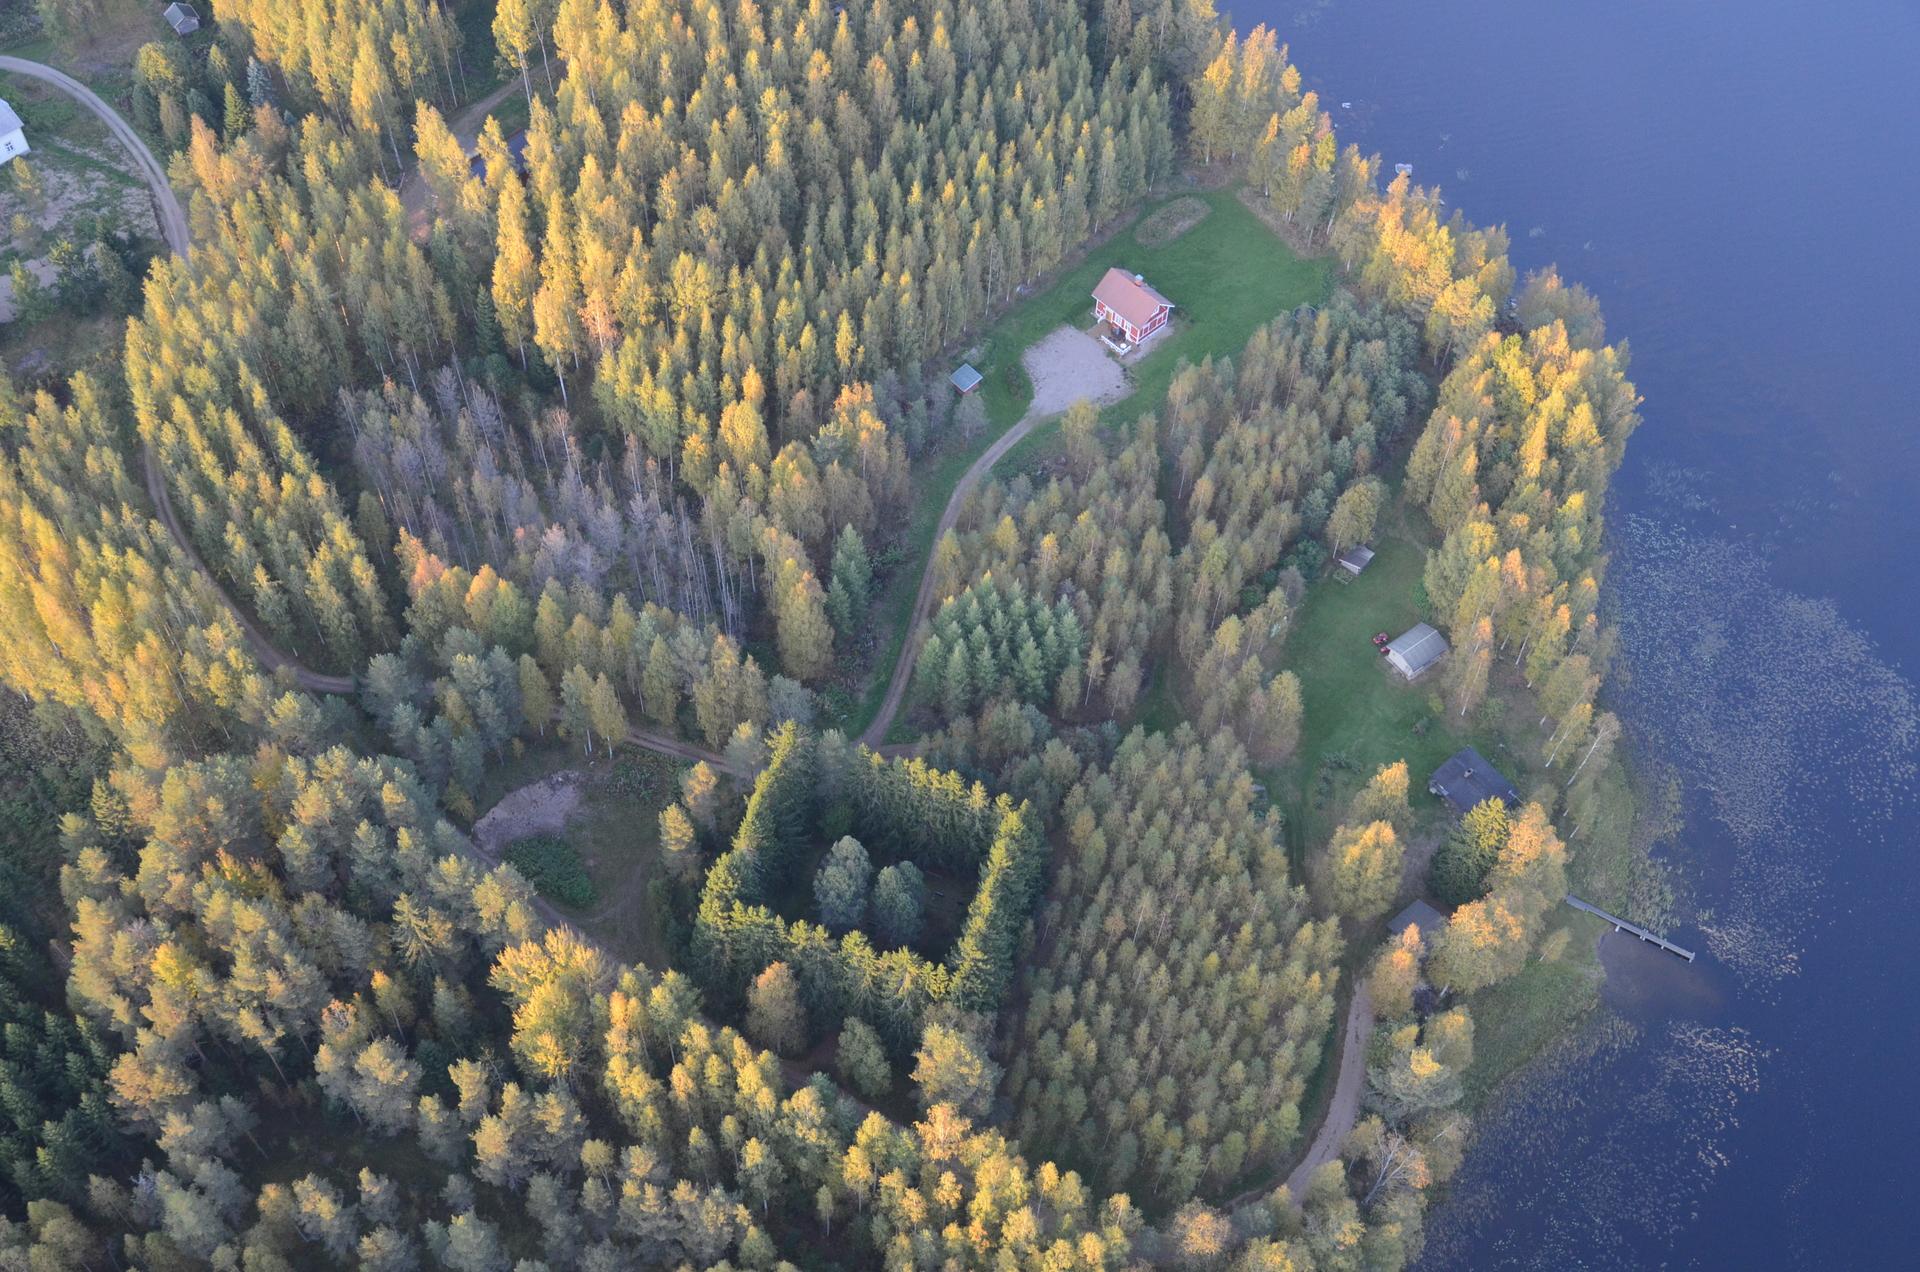 Tässä on hieno metsäkuvio! Paikka on tarkentunut yksityiseksi hautausmaaksi.